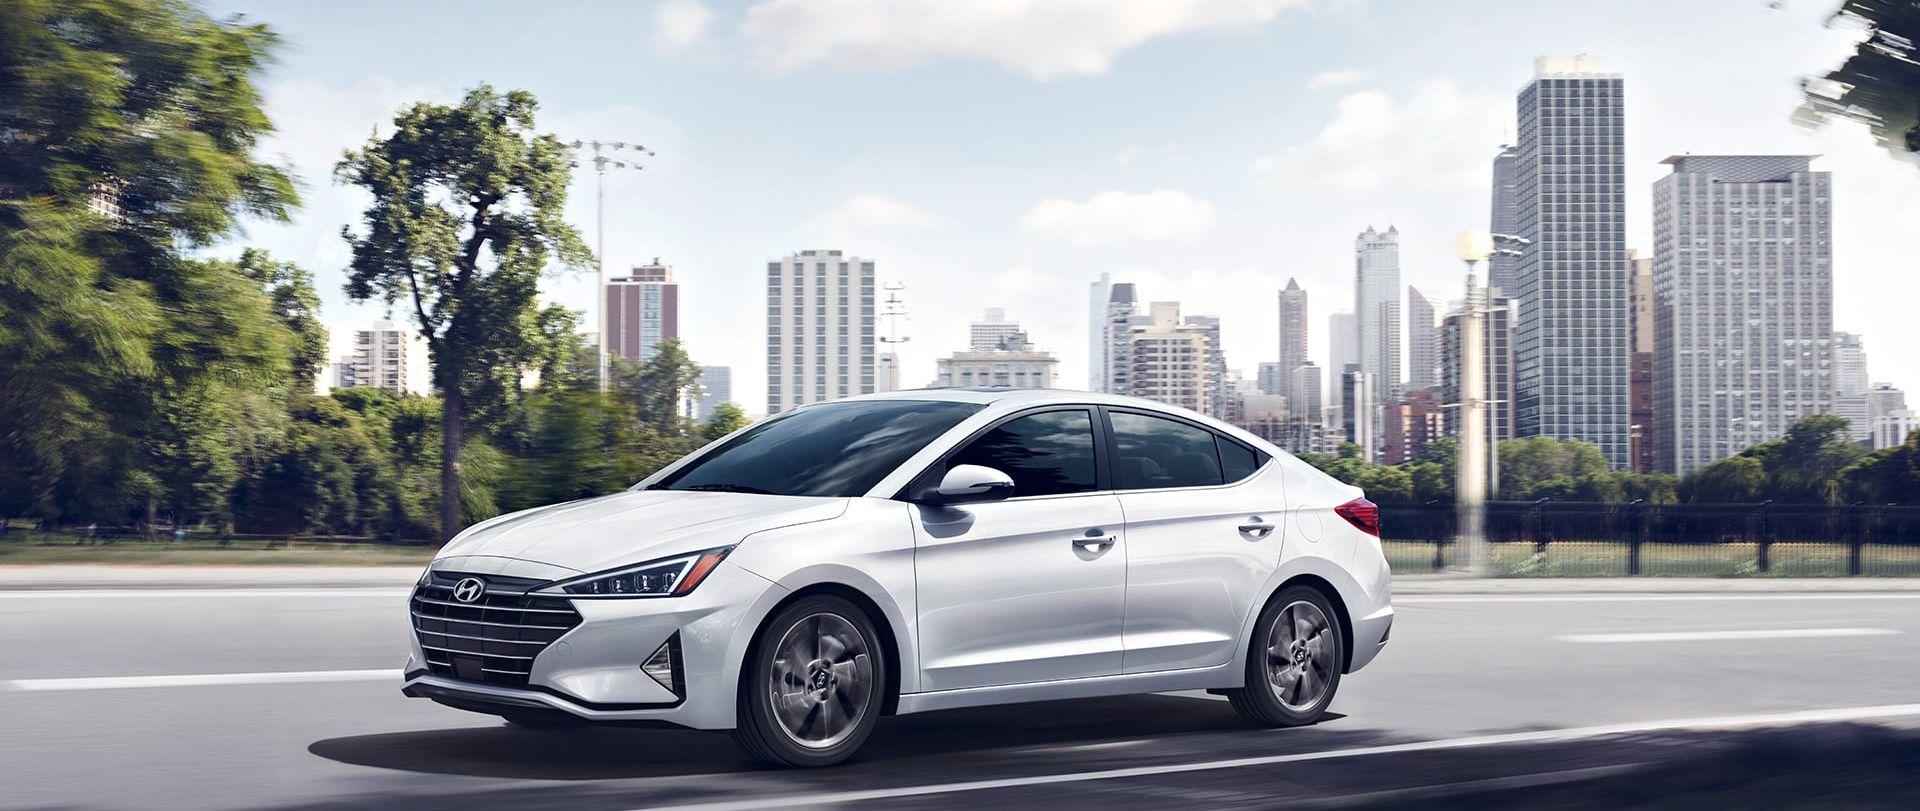 2020 Hyundai Elantra Leasing near Silver Spring, MD